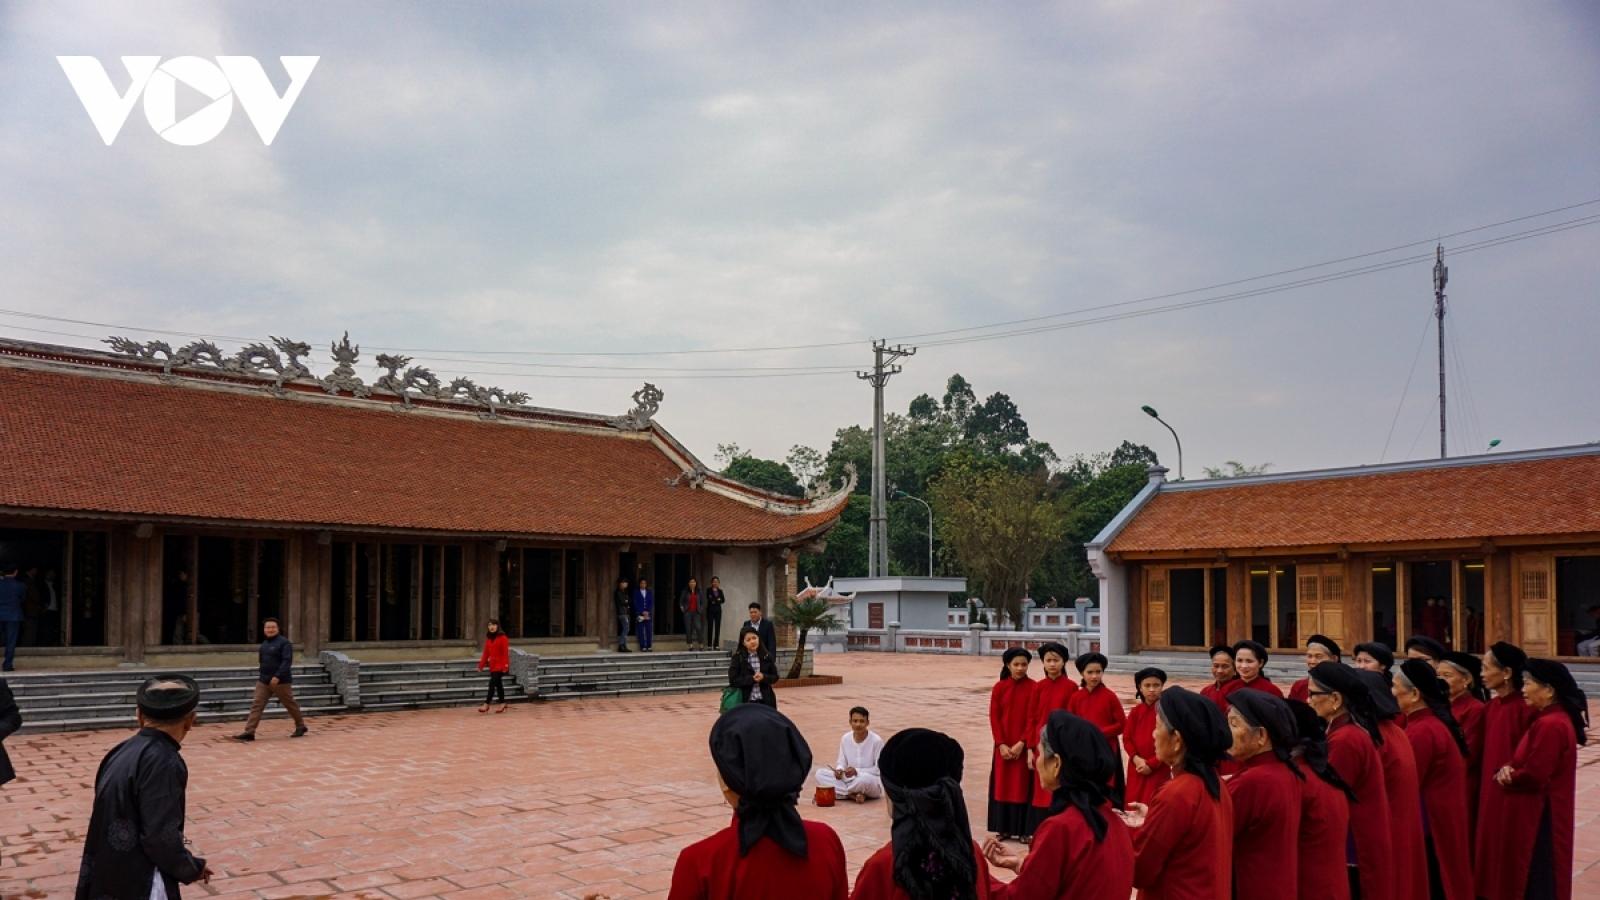 Du lịch Phú Thọ nỗ lực đổi mới sản phẩm để thu hút khách